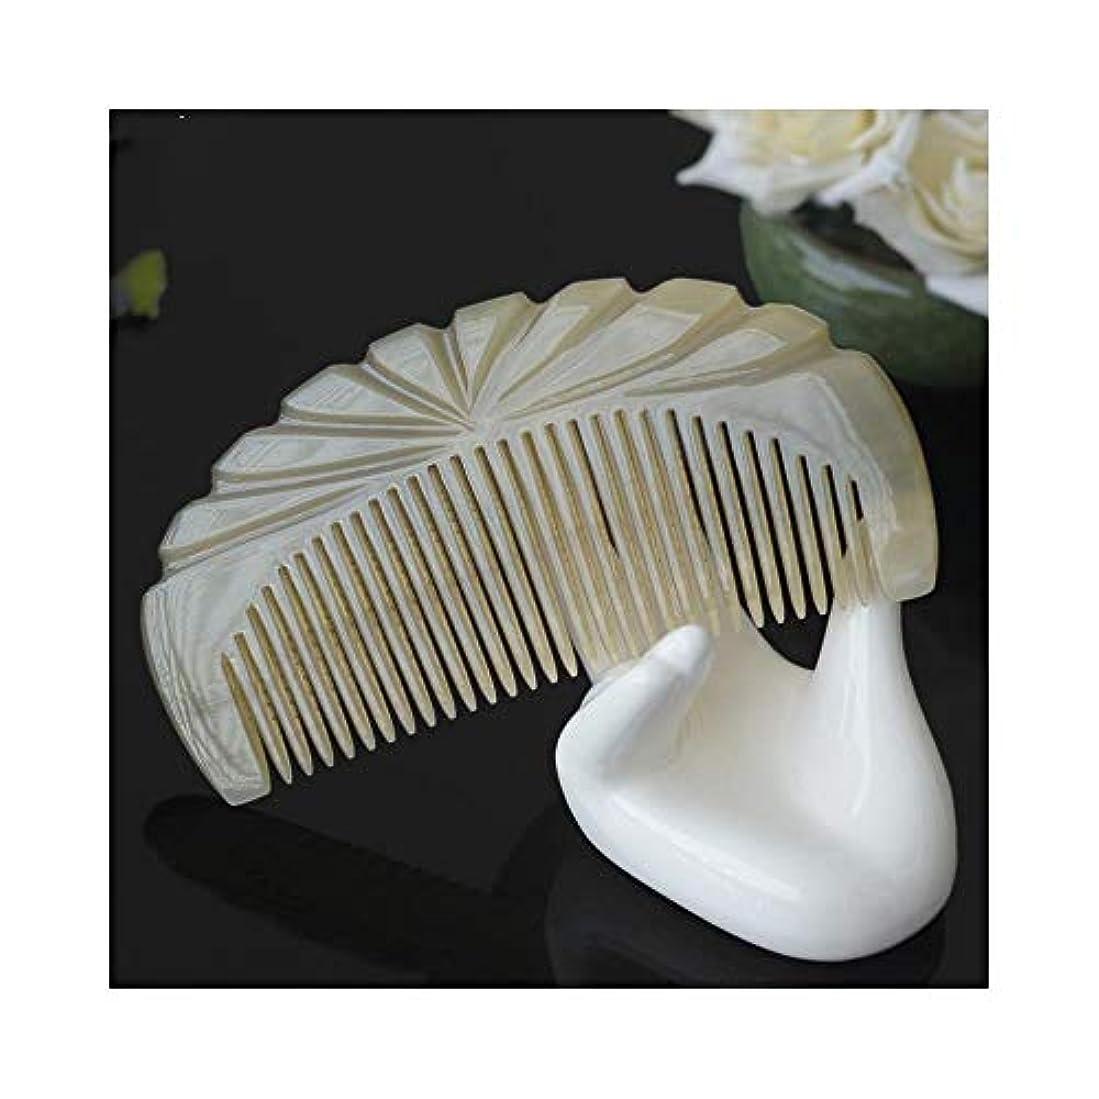 一般的なかんたん試してみるWASAIO 毛は自然な木の櫛の毛にブラシをかけます-もつれを解くための自然な帯電防止木